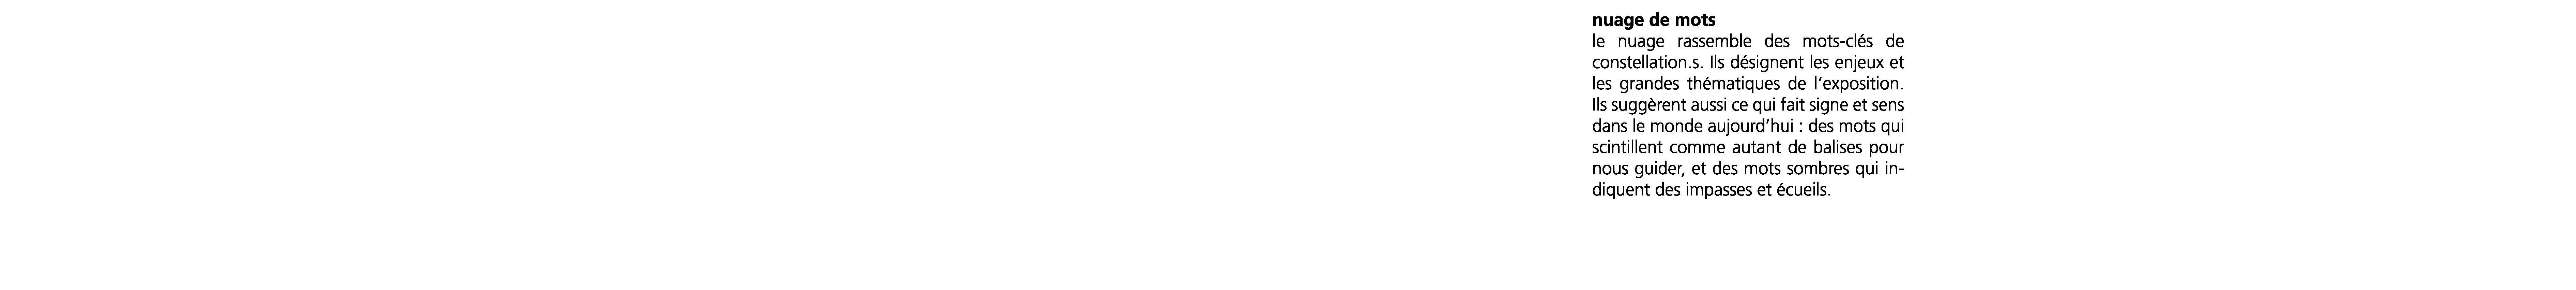 defFR